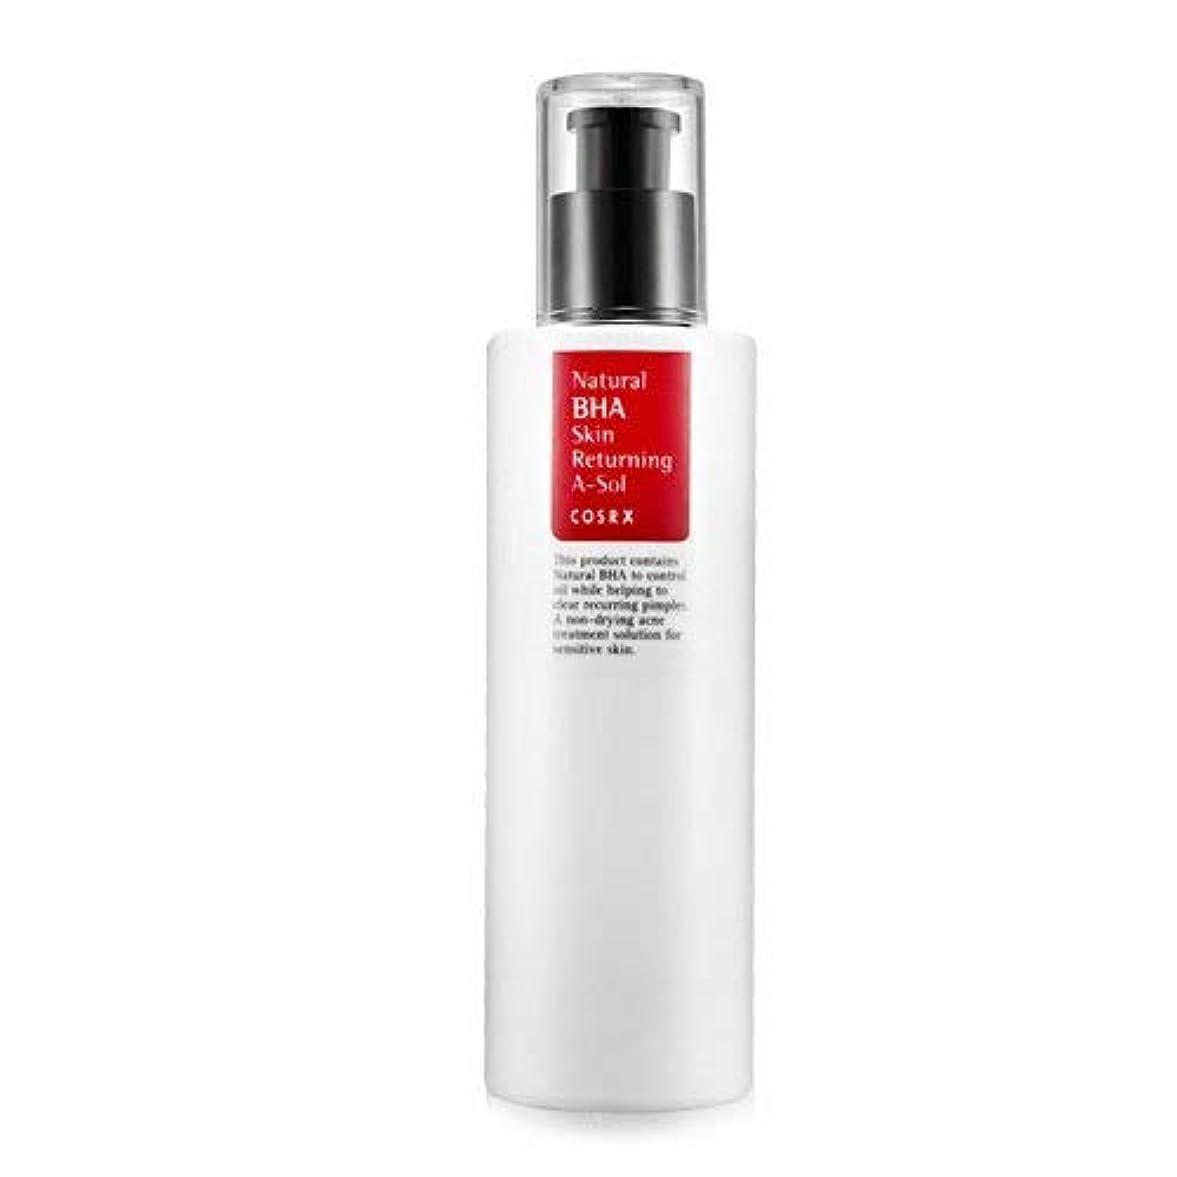 スコアファンネルウェブスパイダー登録(3 Pack) COSRX Natural BHA Skin Returning A Sol (並行輸入品)